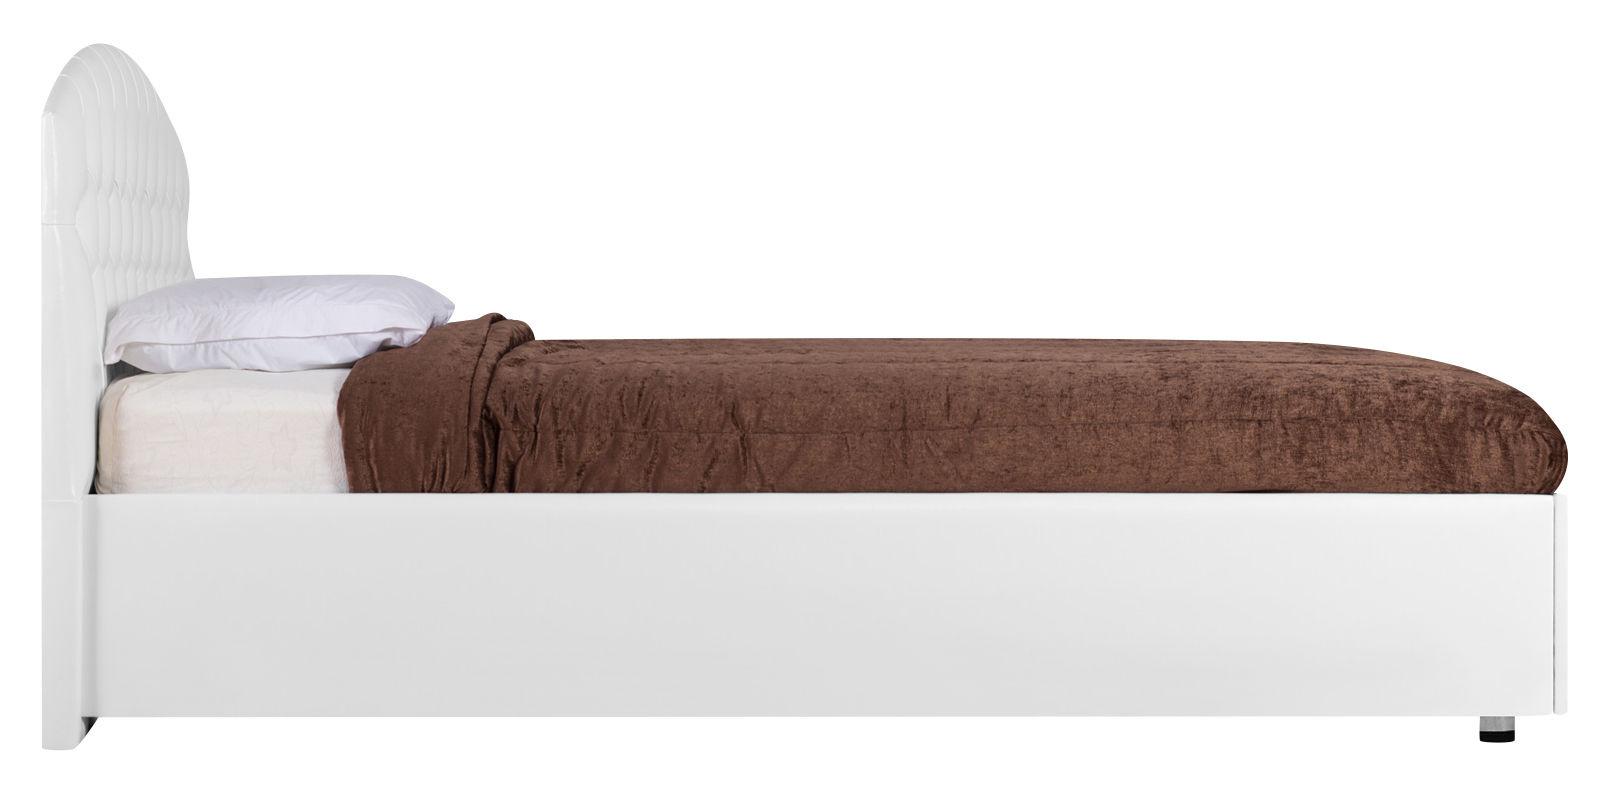 Мягкая кровать 200х160 Малибу вариант №1 с подъемным механизмом (белый)